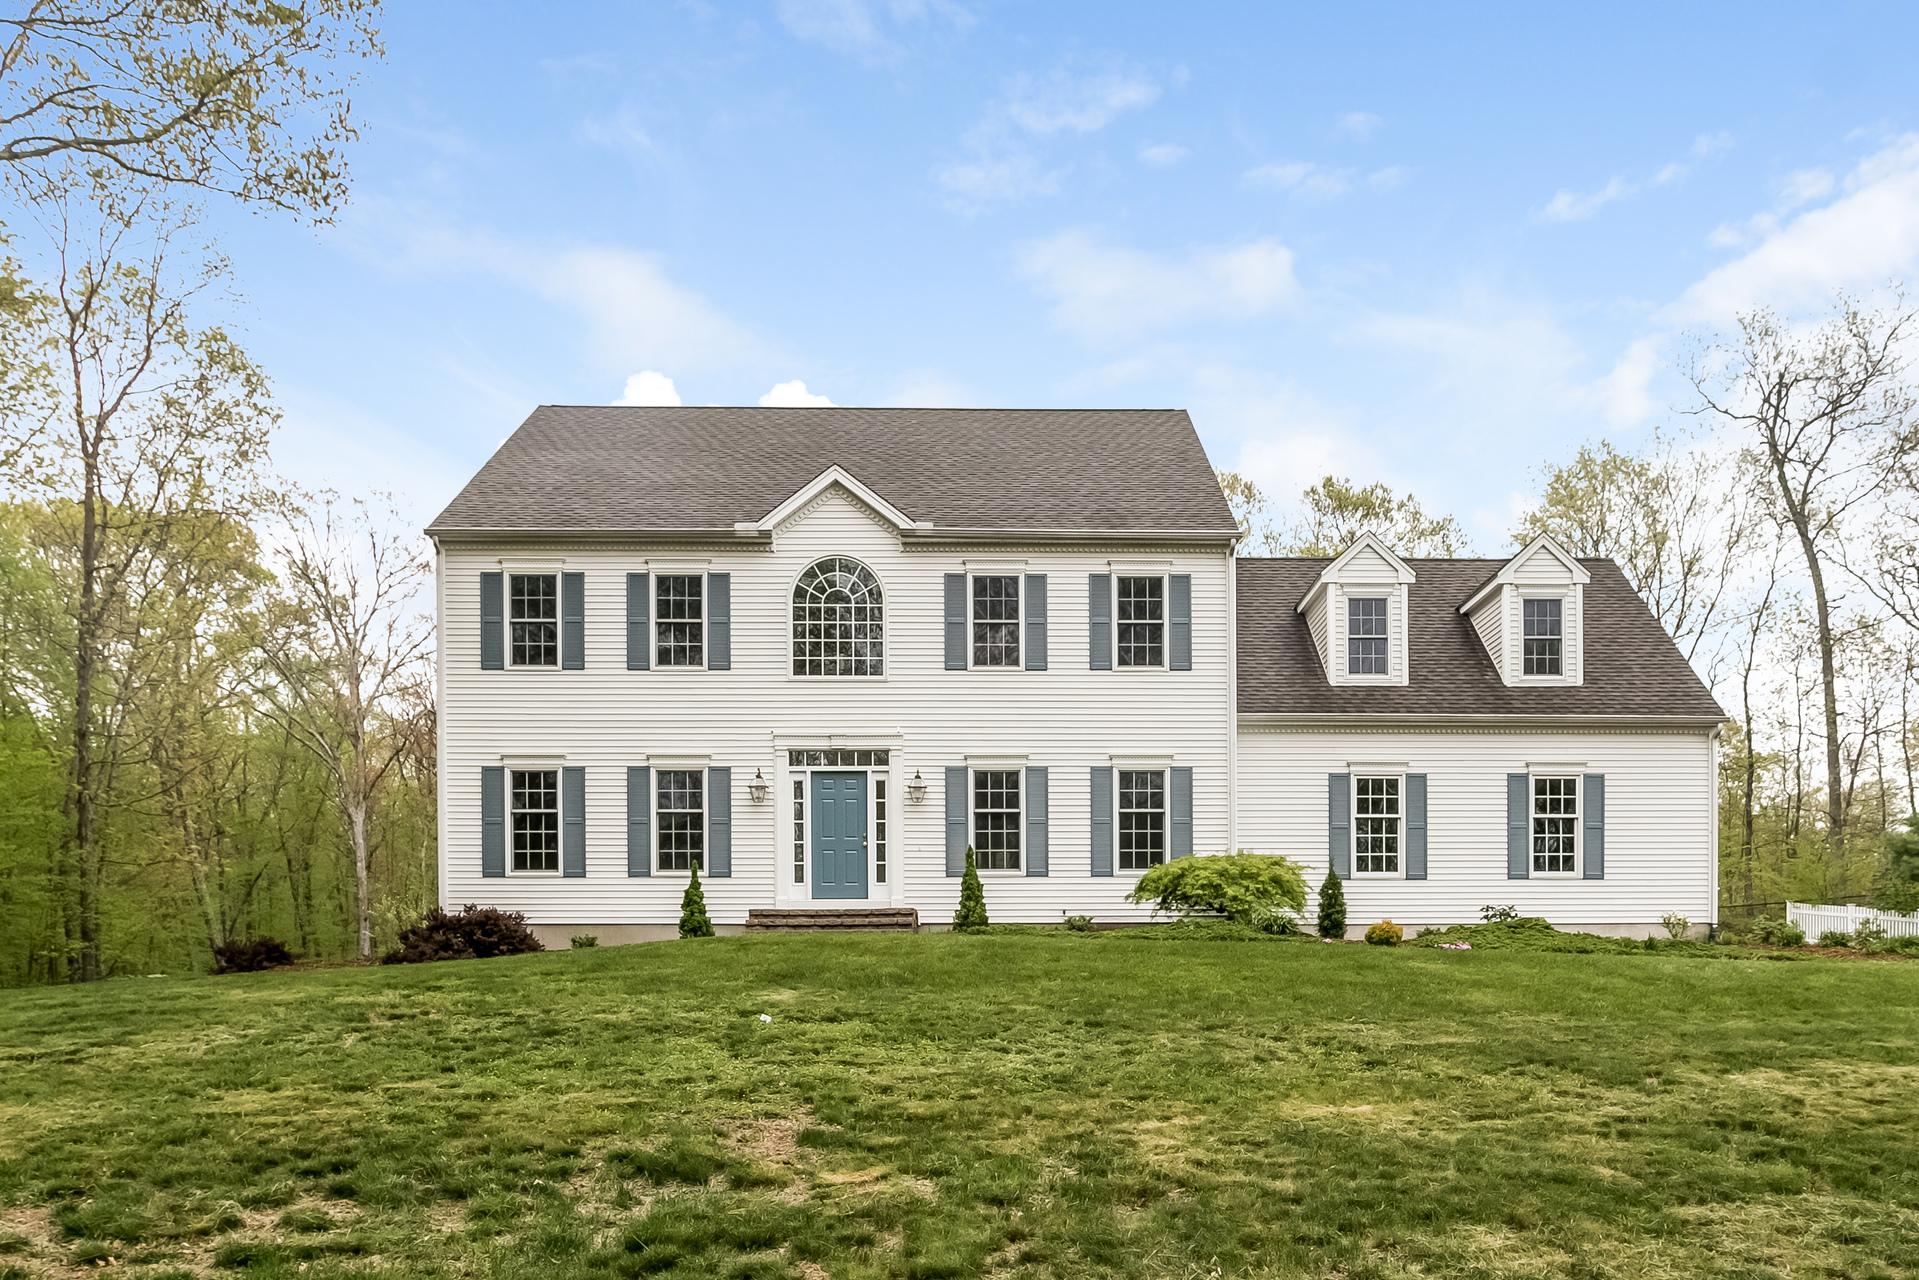 独户住宅 为 销售 在 49 James Vincent Dr 克林顿, 康涅狄格州, 06413 美国